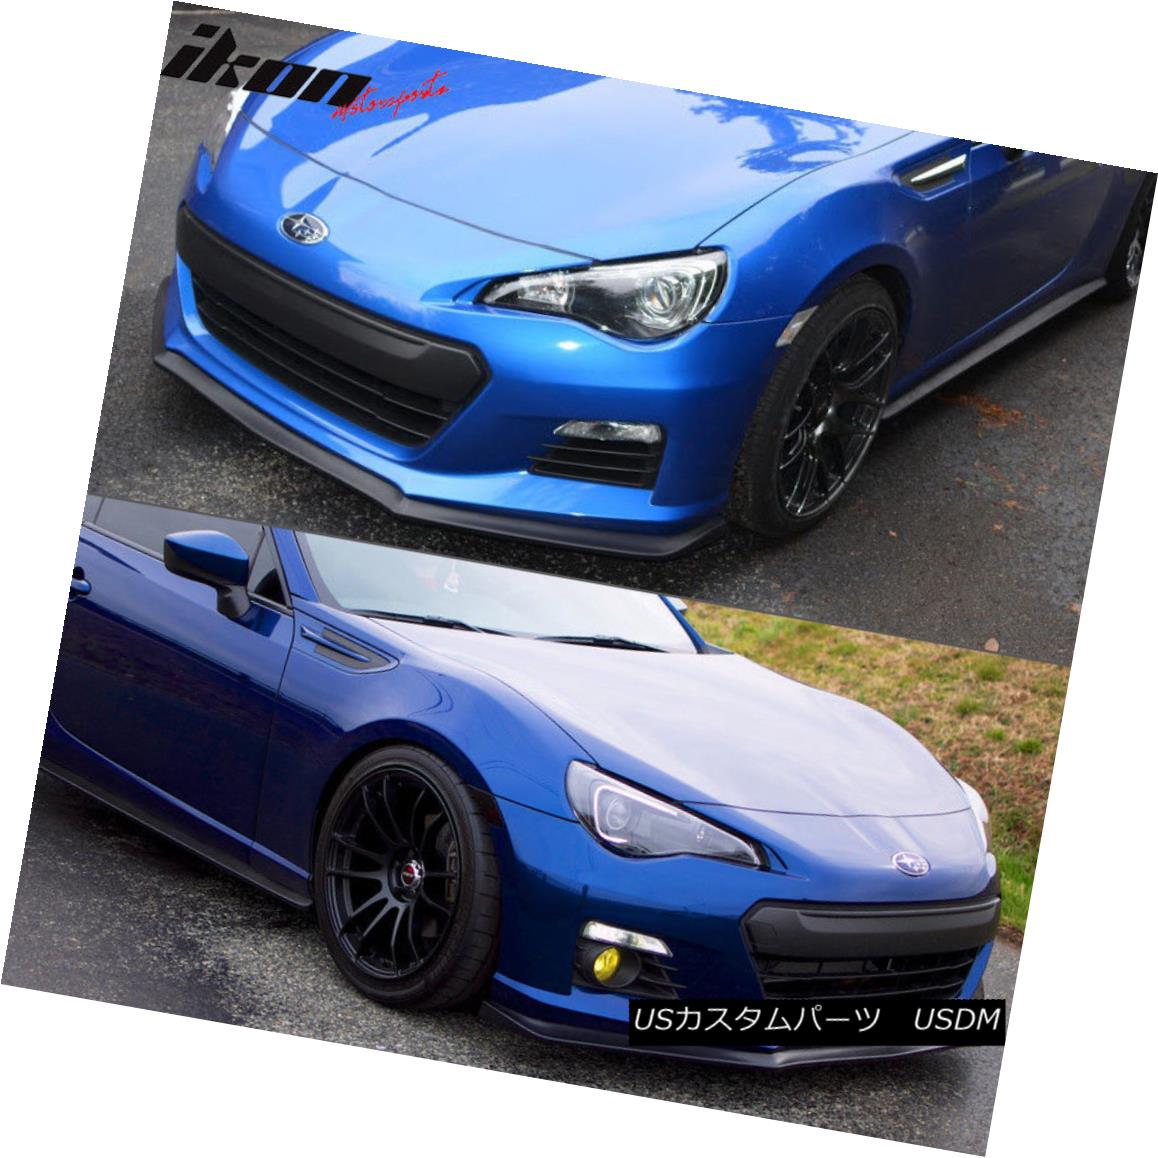 Urethane PU Fits 13-16 Subaru BRZ Coupe 2Dr CS Style Front Bumper Lip Spoiler